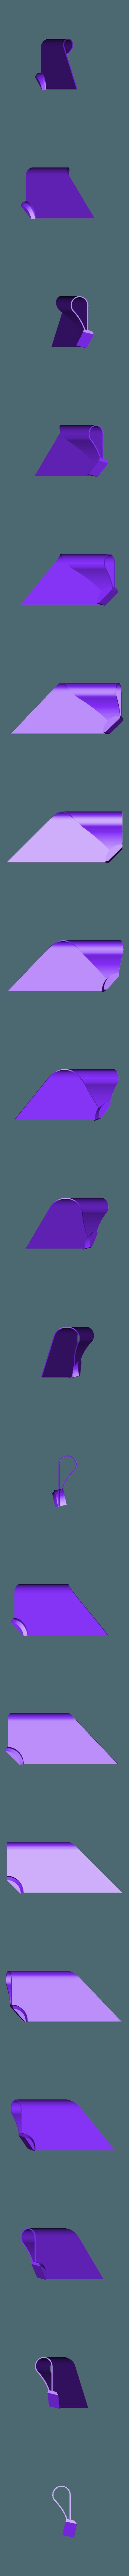 wing.stl Télécharger fichier SCAD gratuit Papier imprimé WindMill v0 • Modèle pour imprimante 3D, Wachet